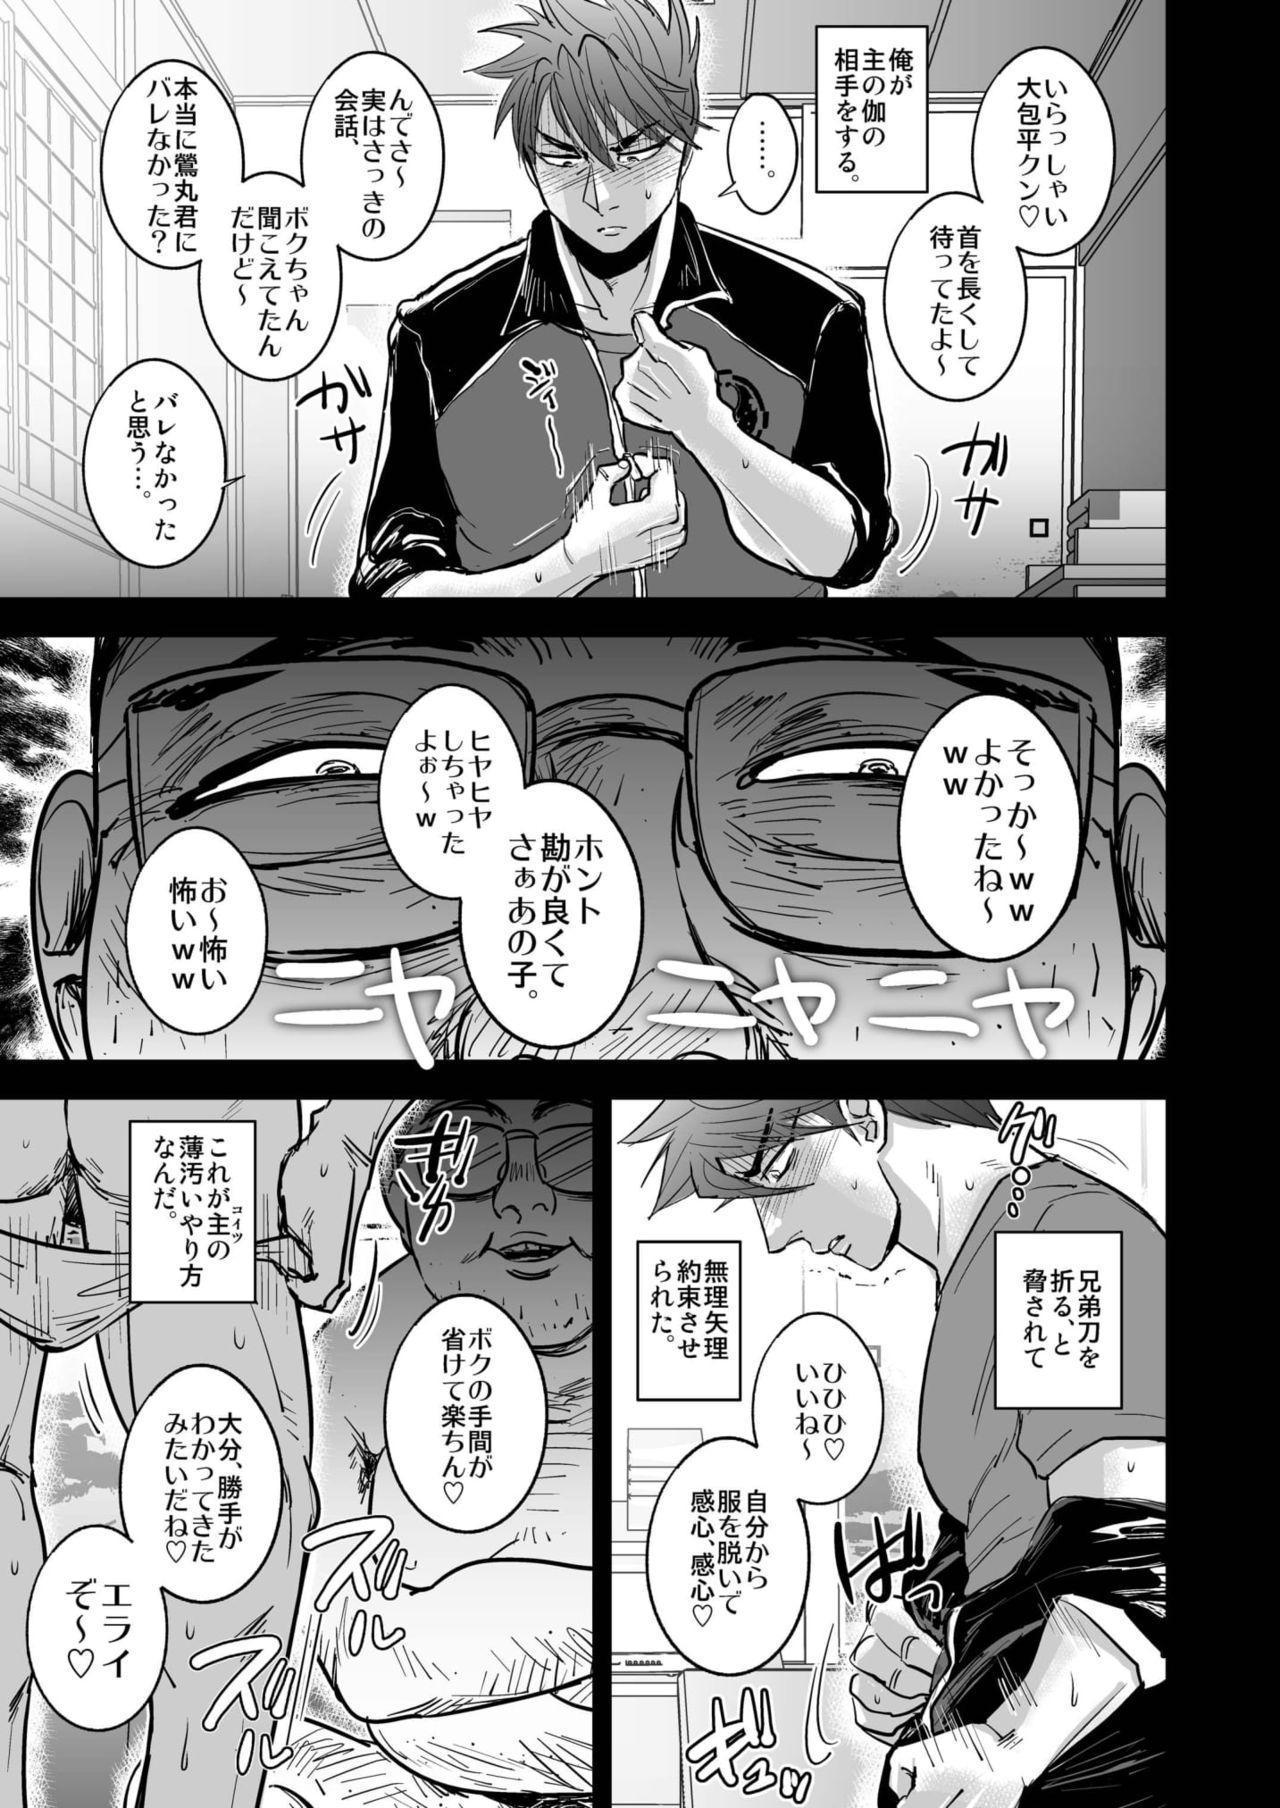 Non-stop Ryoujoku SEX Meibutsu Ookanehira, Kyokusei no Sho 4